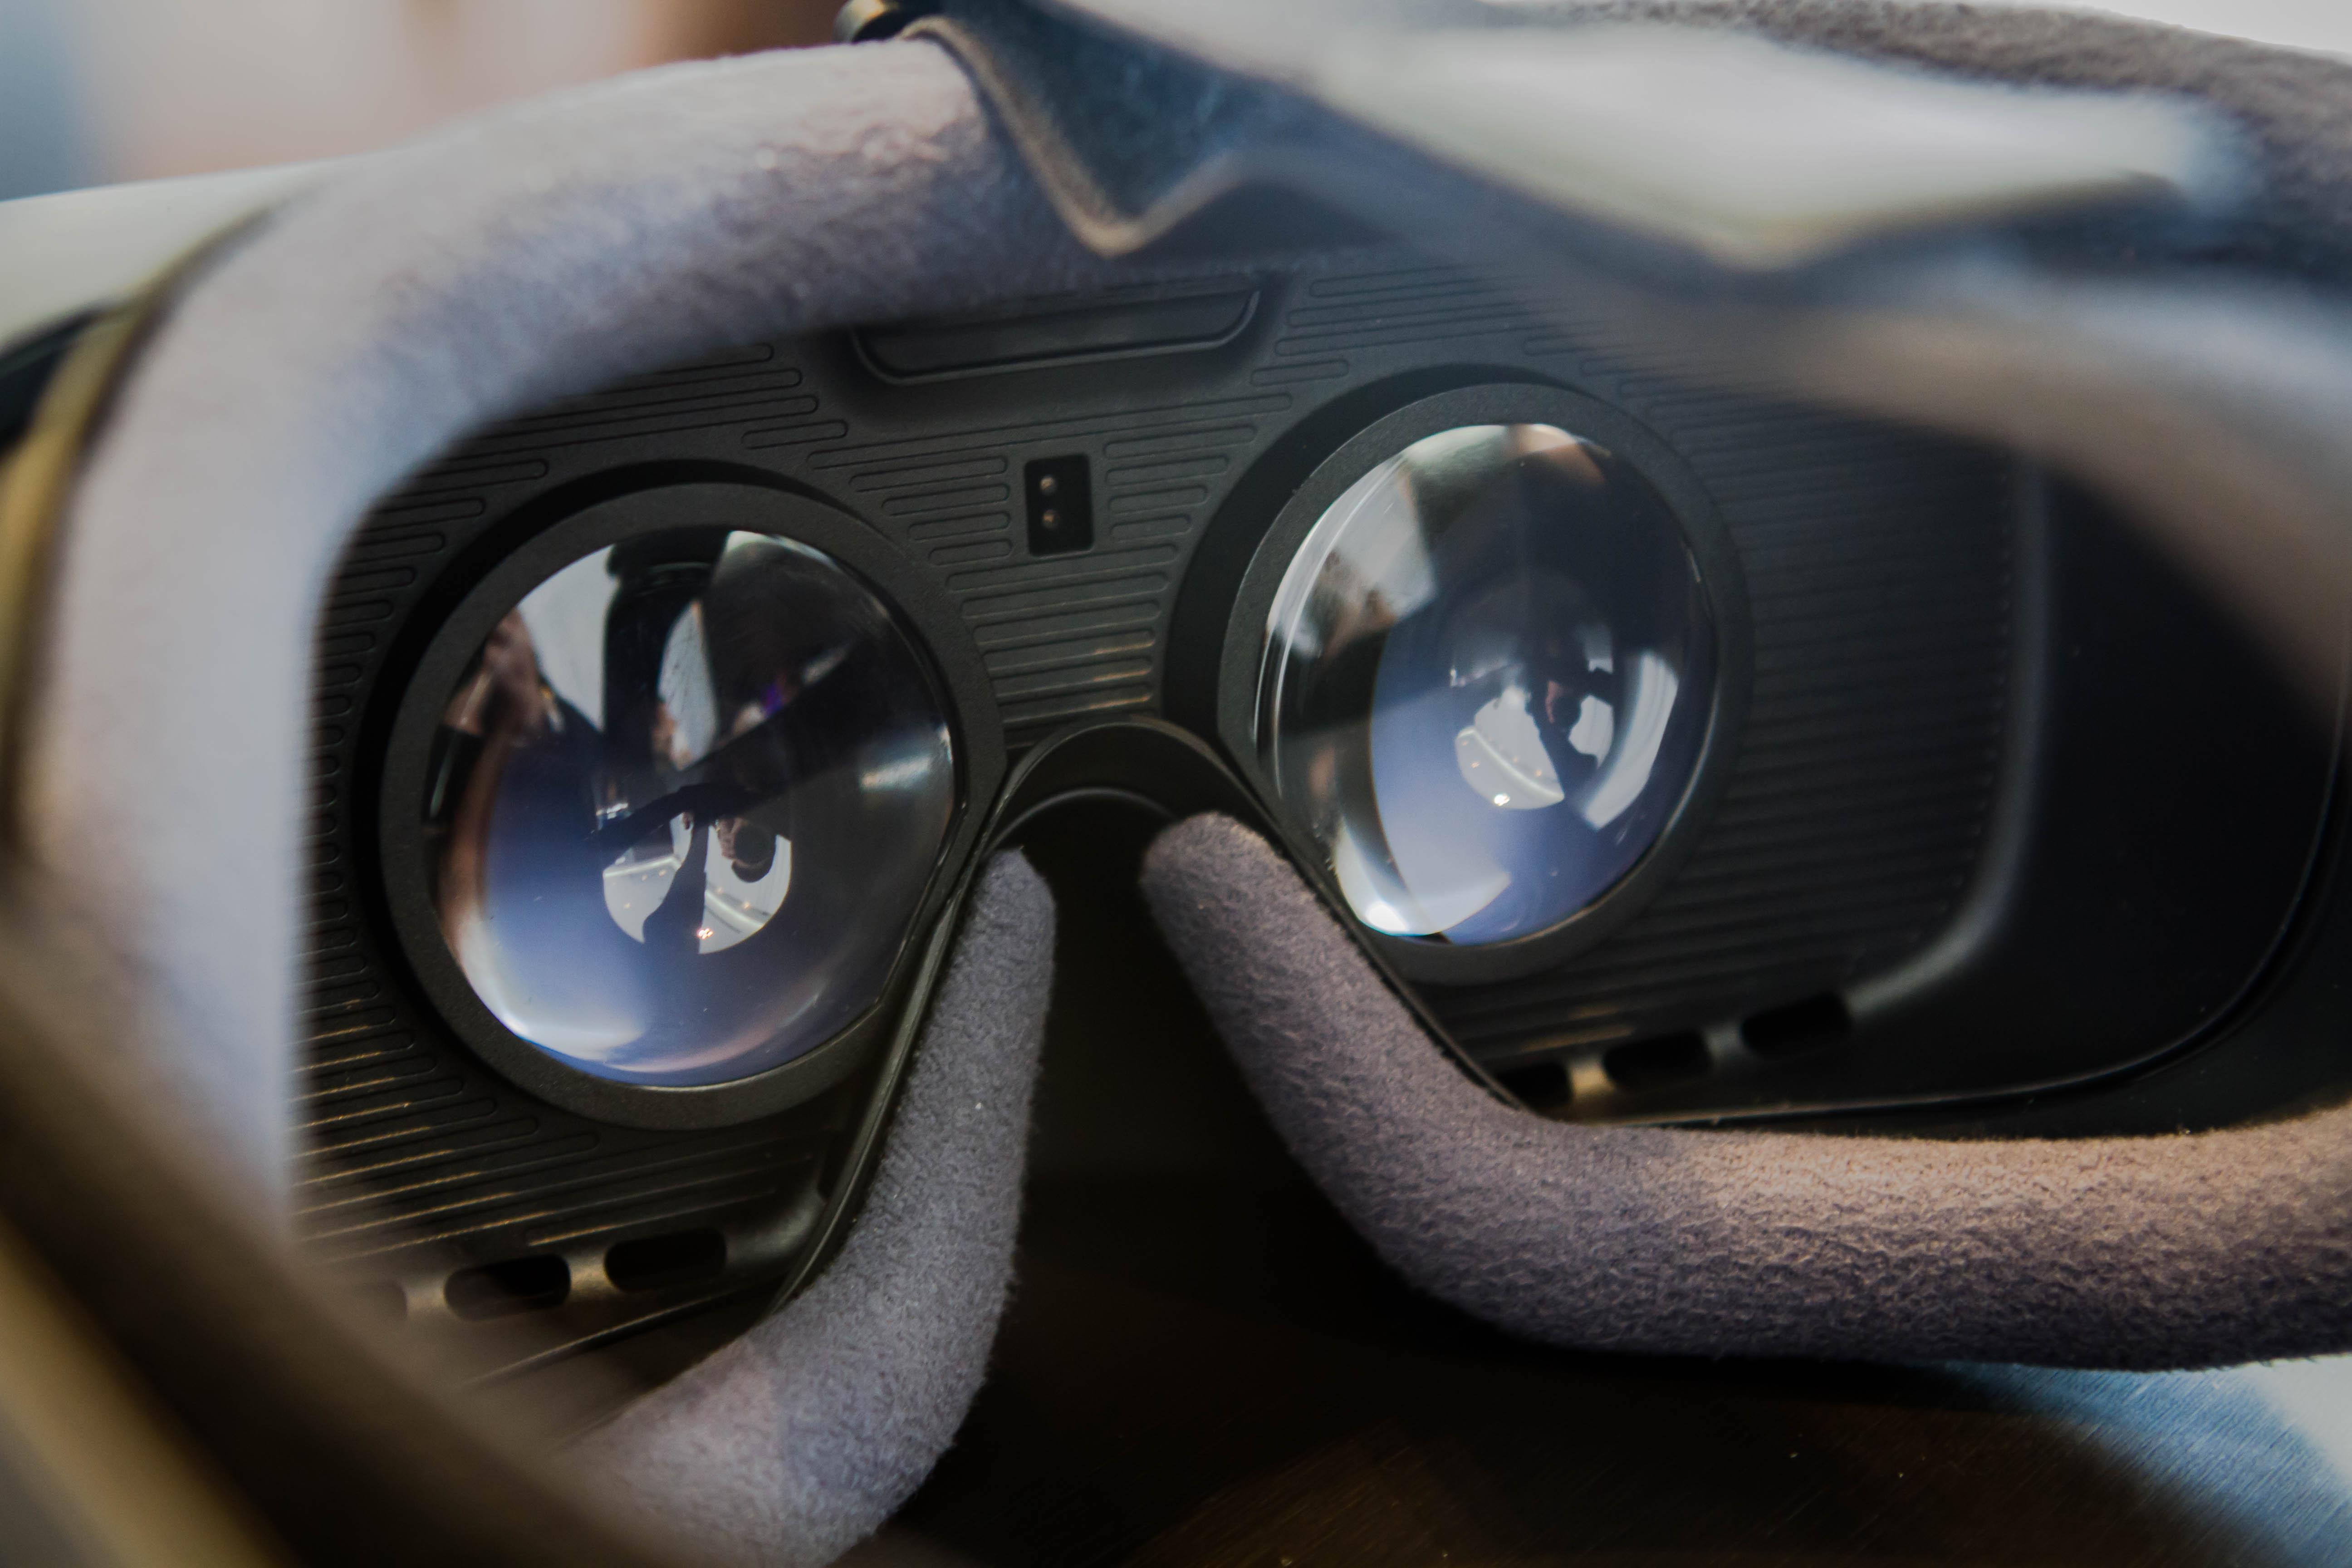 Samsung Gear VR interior (4th generation)